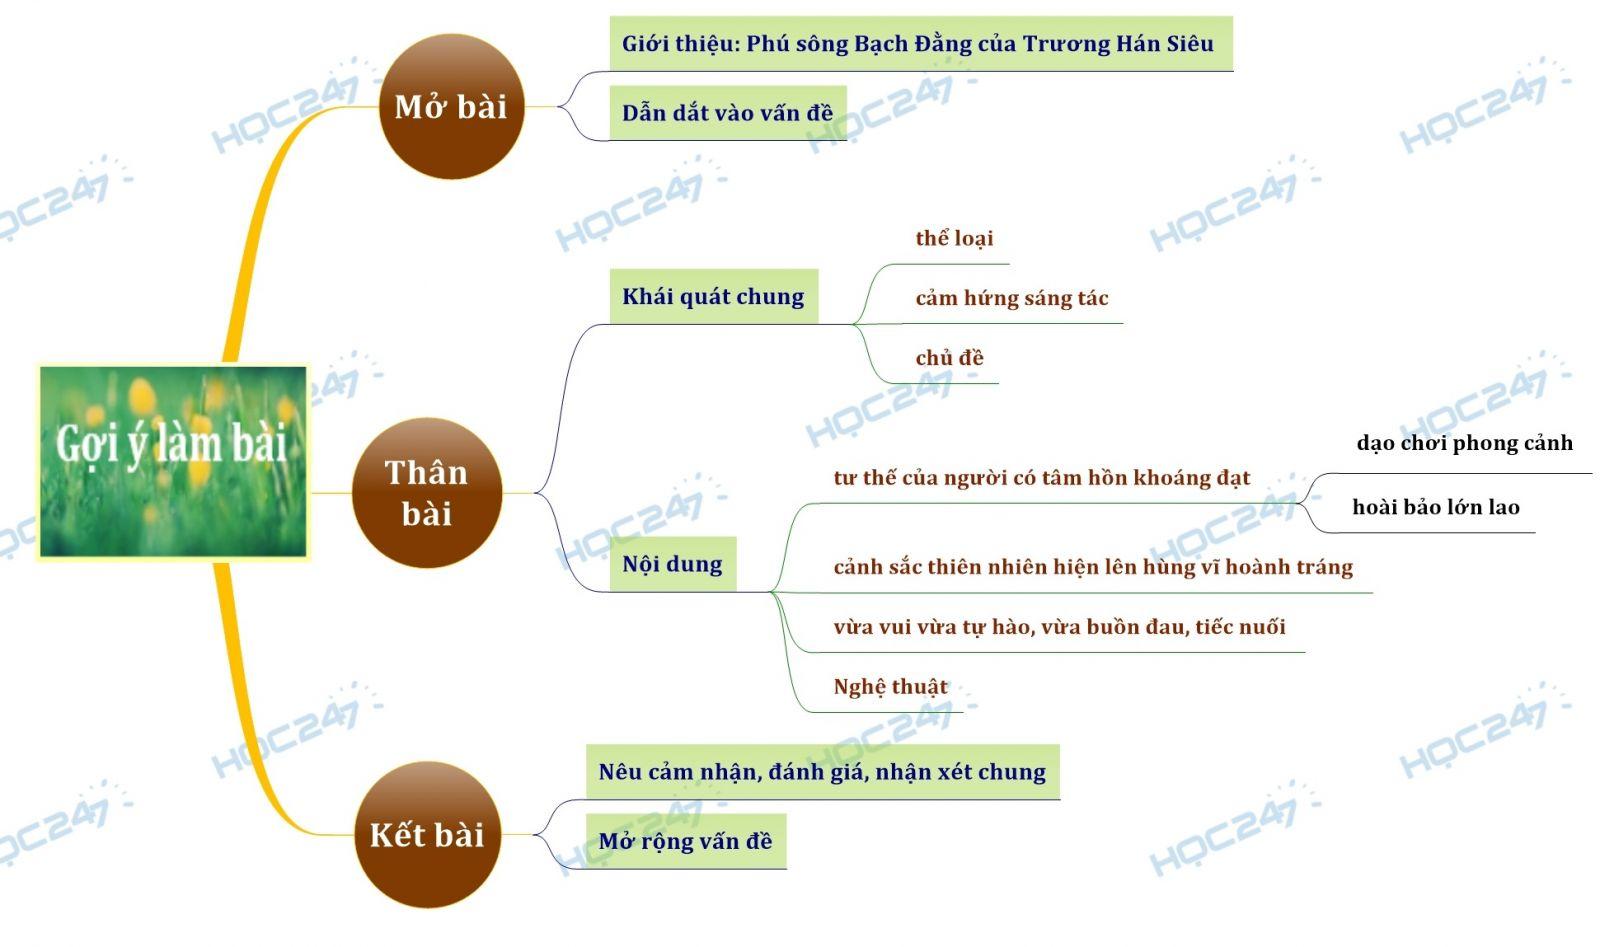 Sơ đồ tư duy Phân tích hình tượng nhân vật khách trong Phú sông Bạch Đằng của Trương Hán Siêu